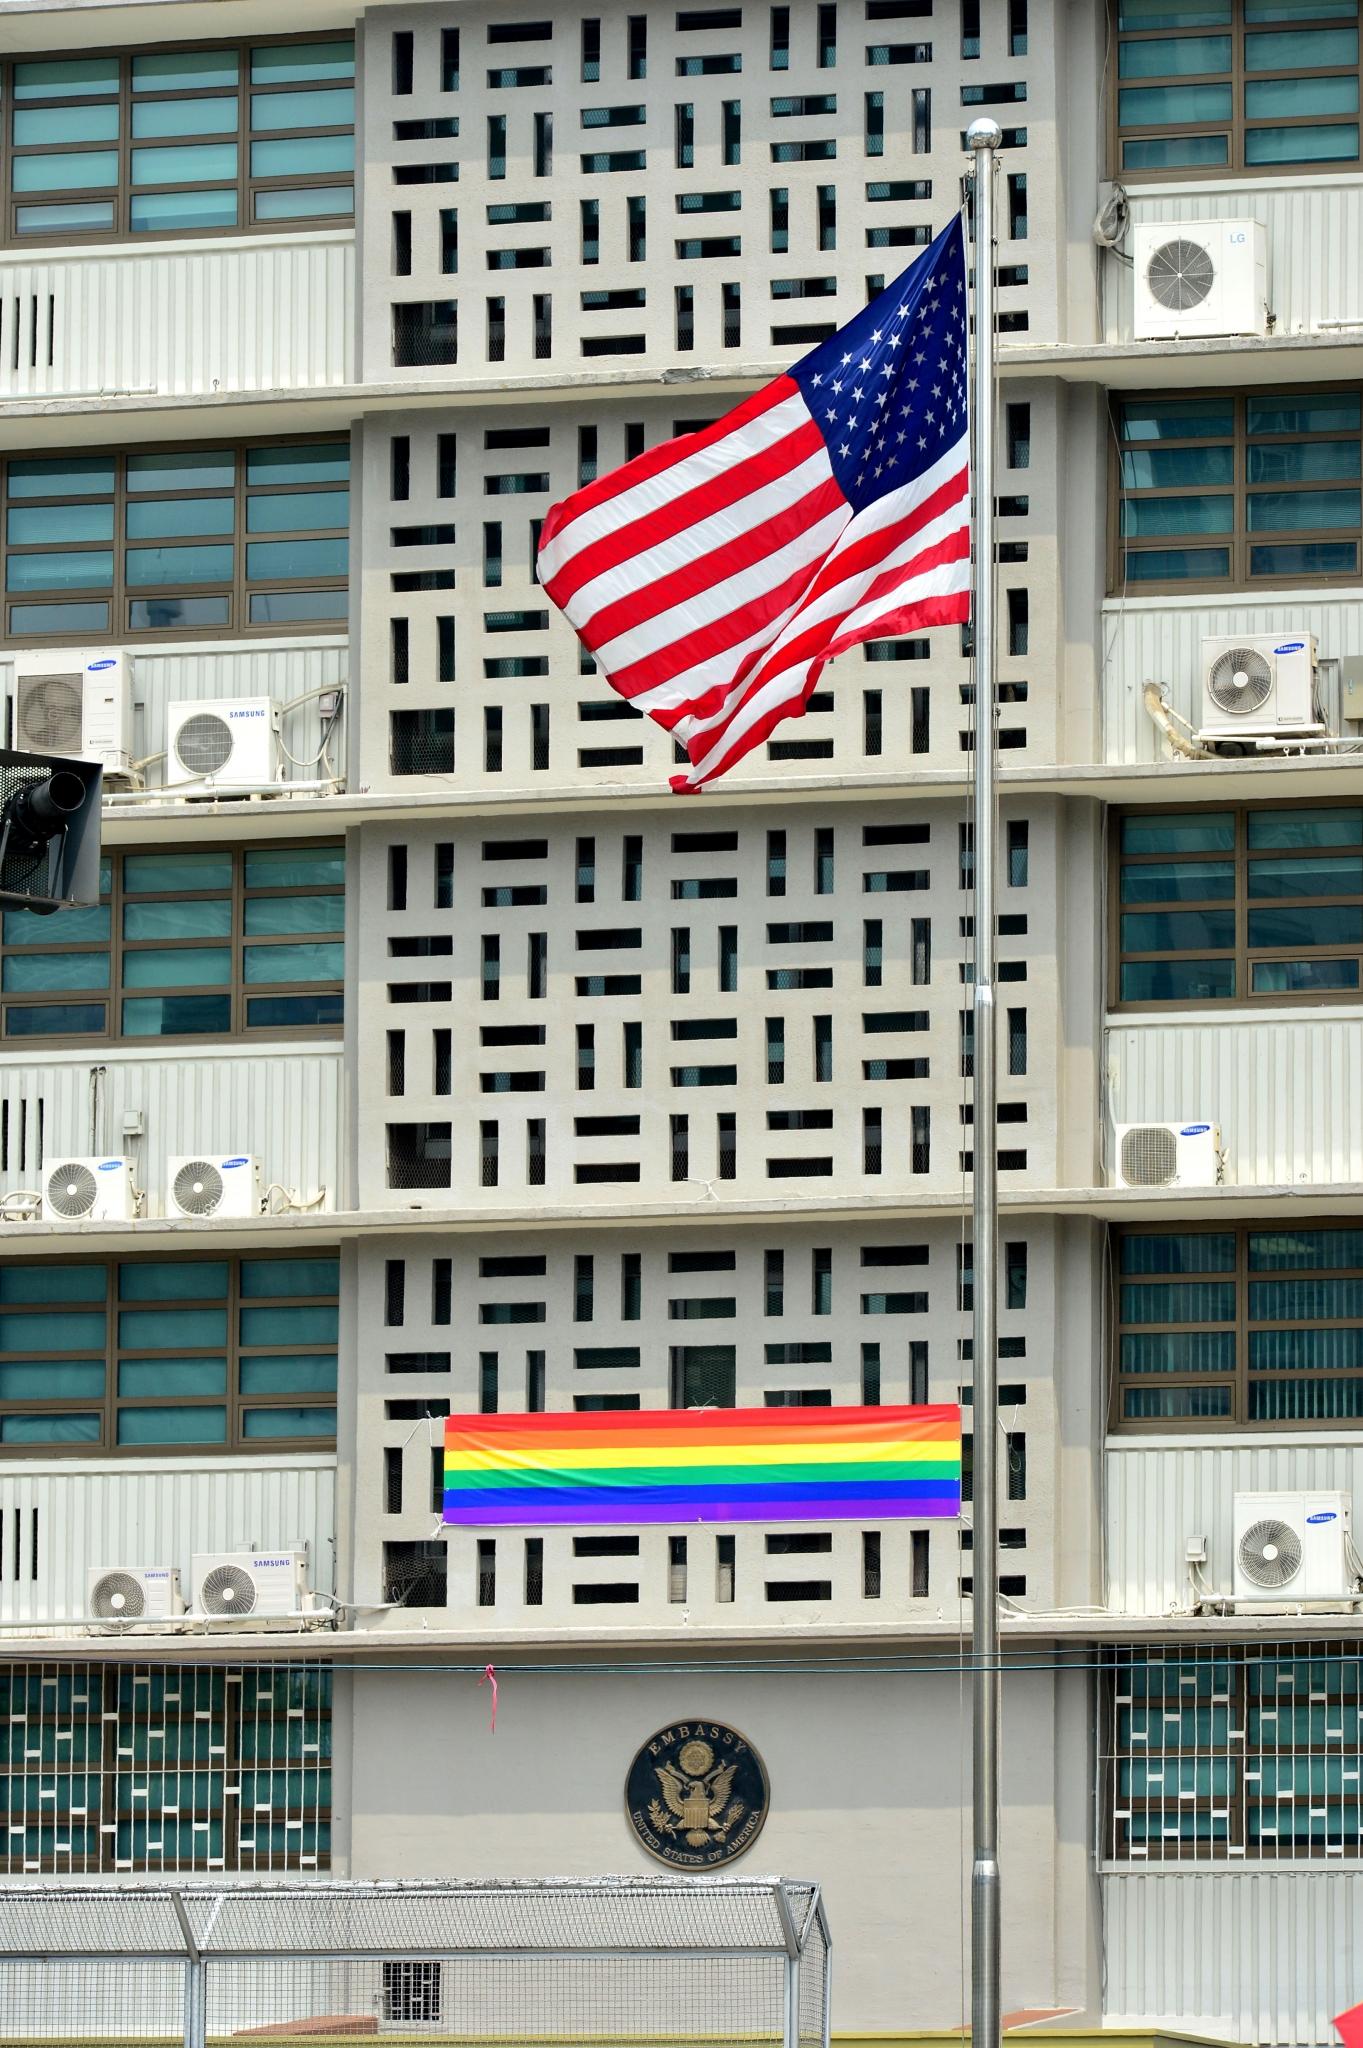 퀴어축제. 지난 13일 오후 서울 종로구 주한 미국대사관 건물에 퀴어문화축제에 지지를 보낸다는 의미로 성소수자를 상징하는 무지개 깃발이 걸려 있다. /사진=뉴시스